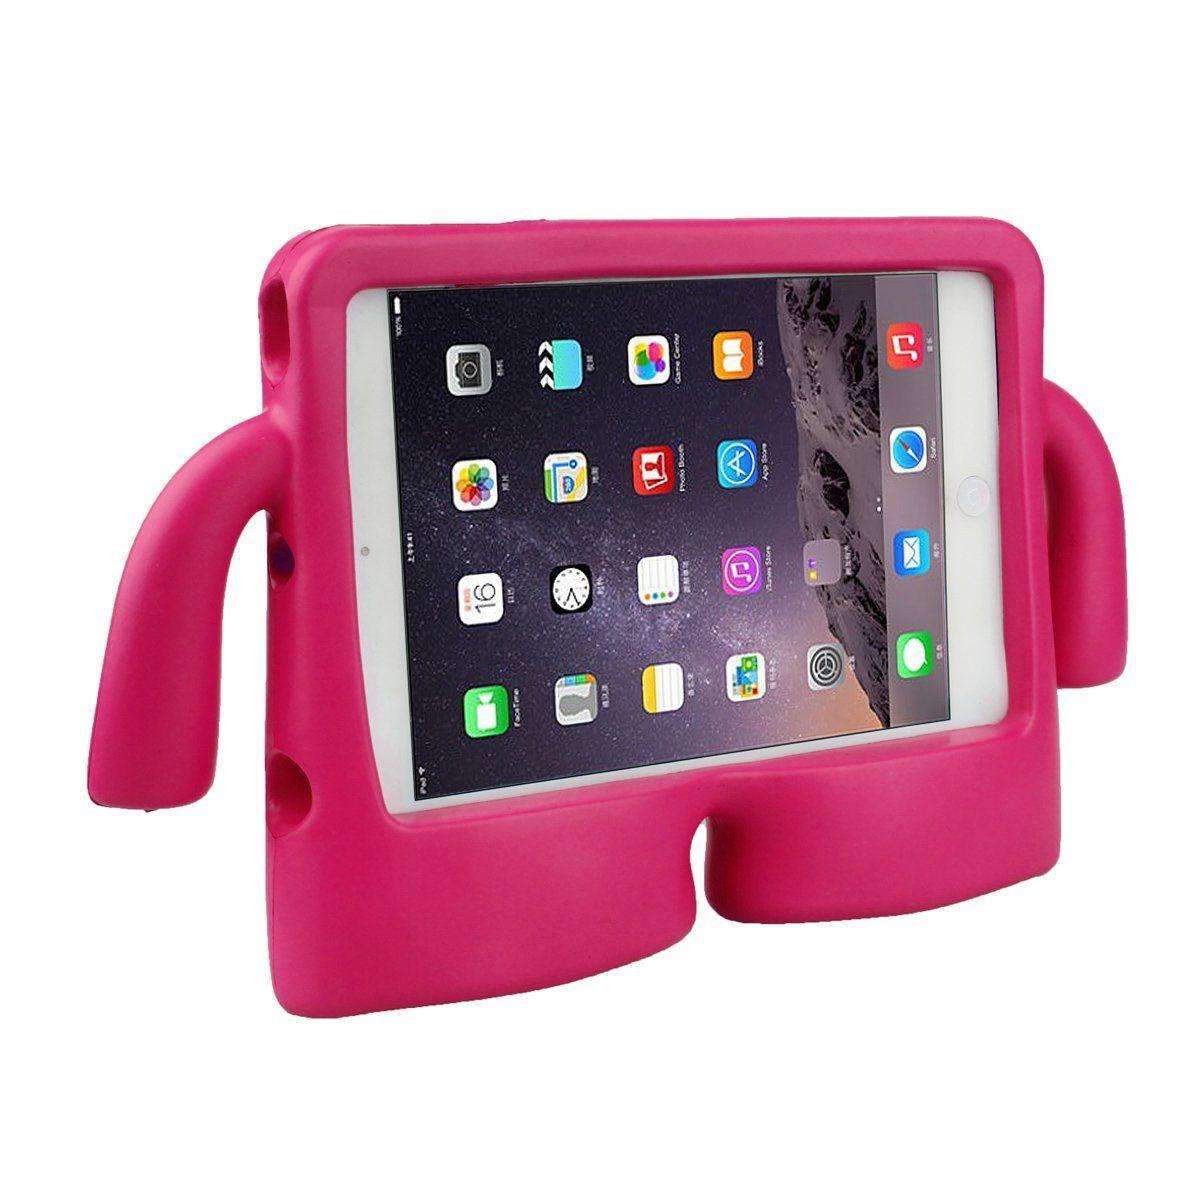 Capa Ipad Mini 5 Emborrachada Anti Impacto Infantil Braçinhos iGuy